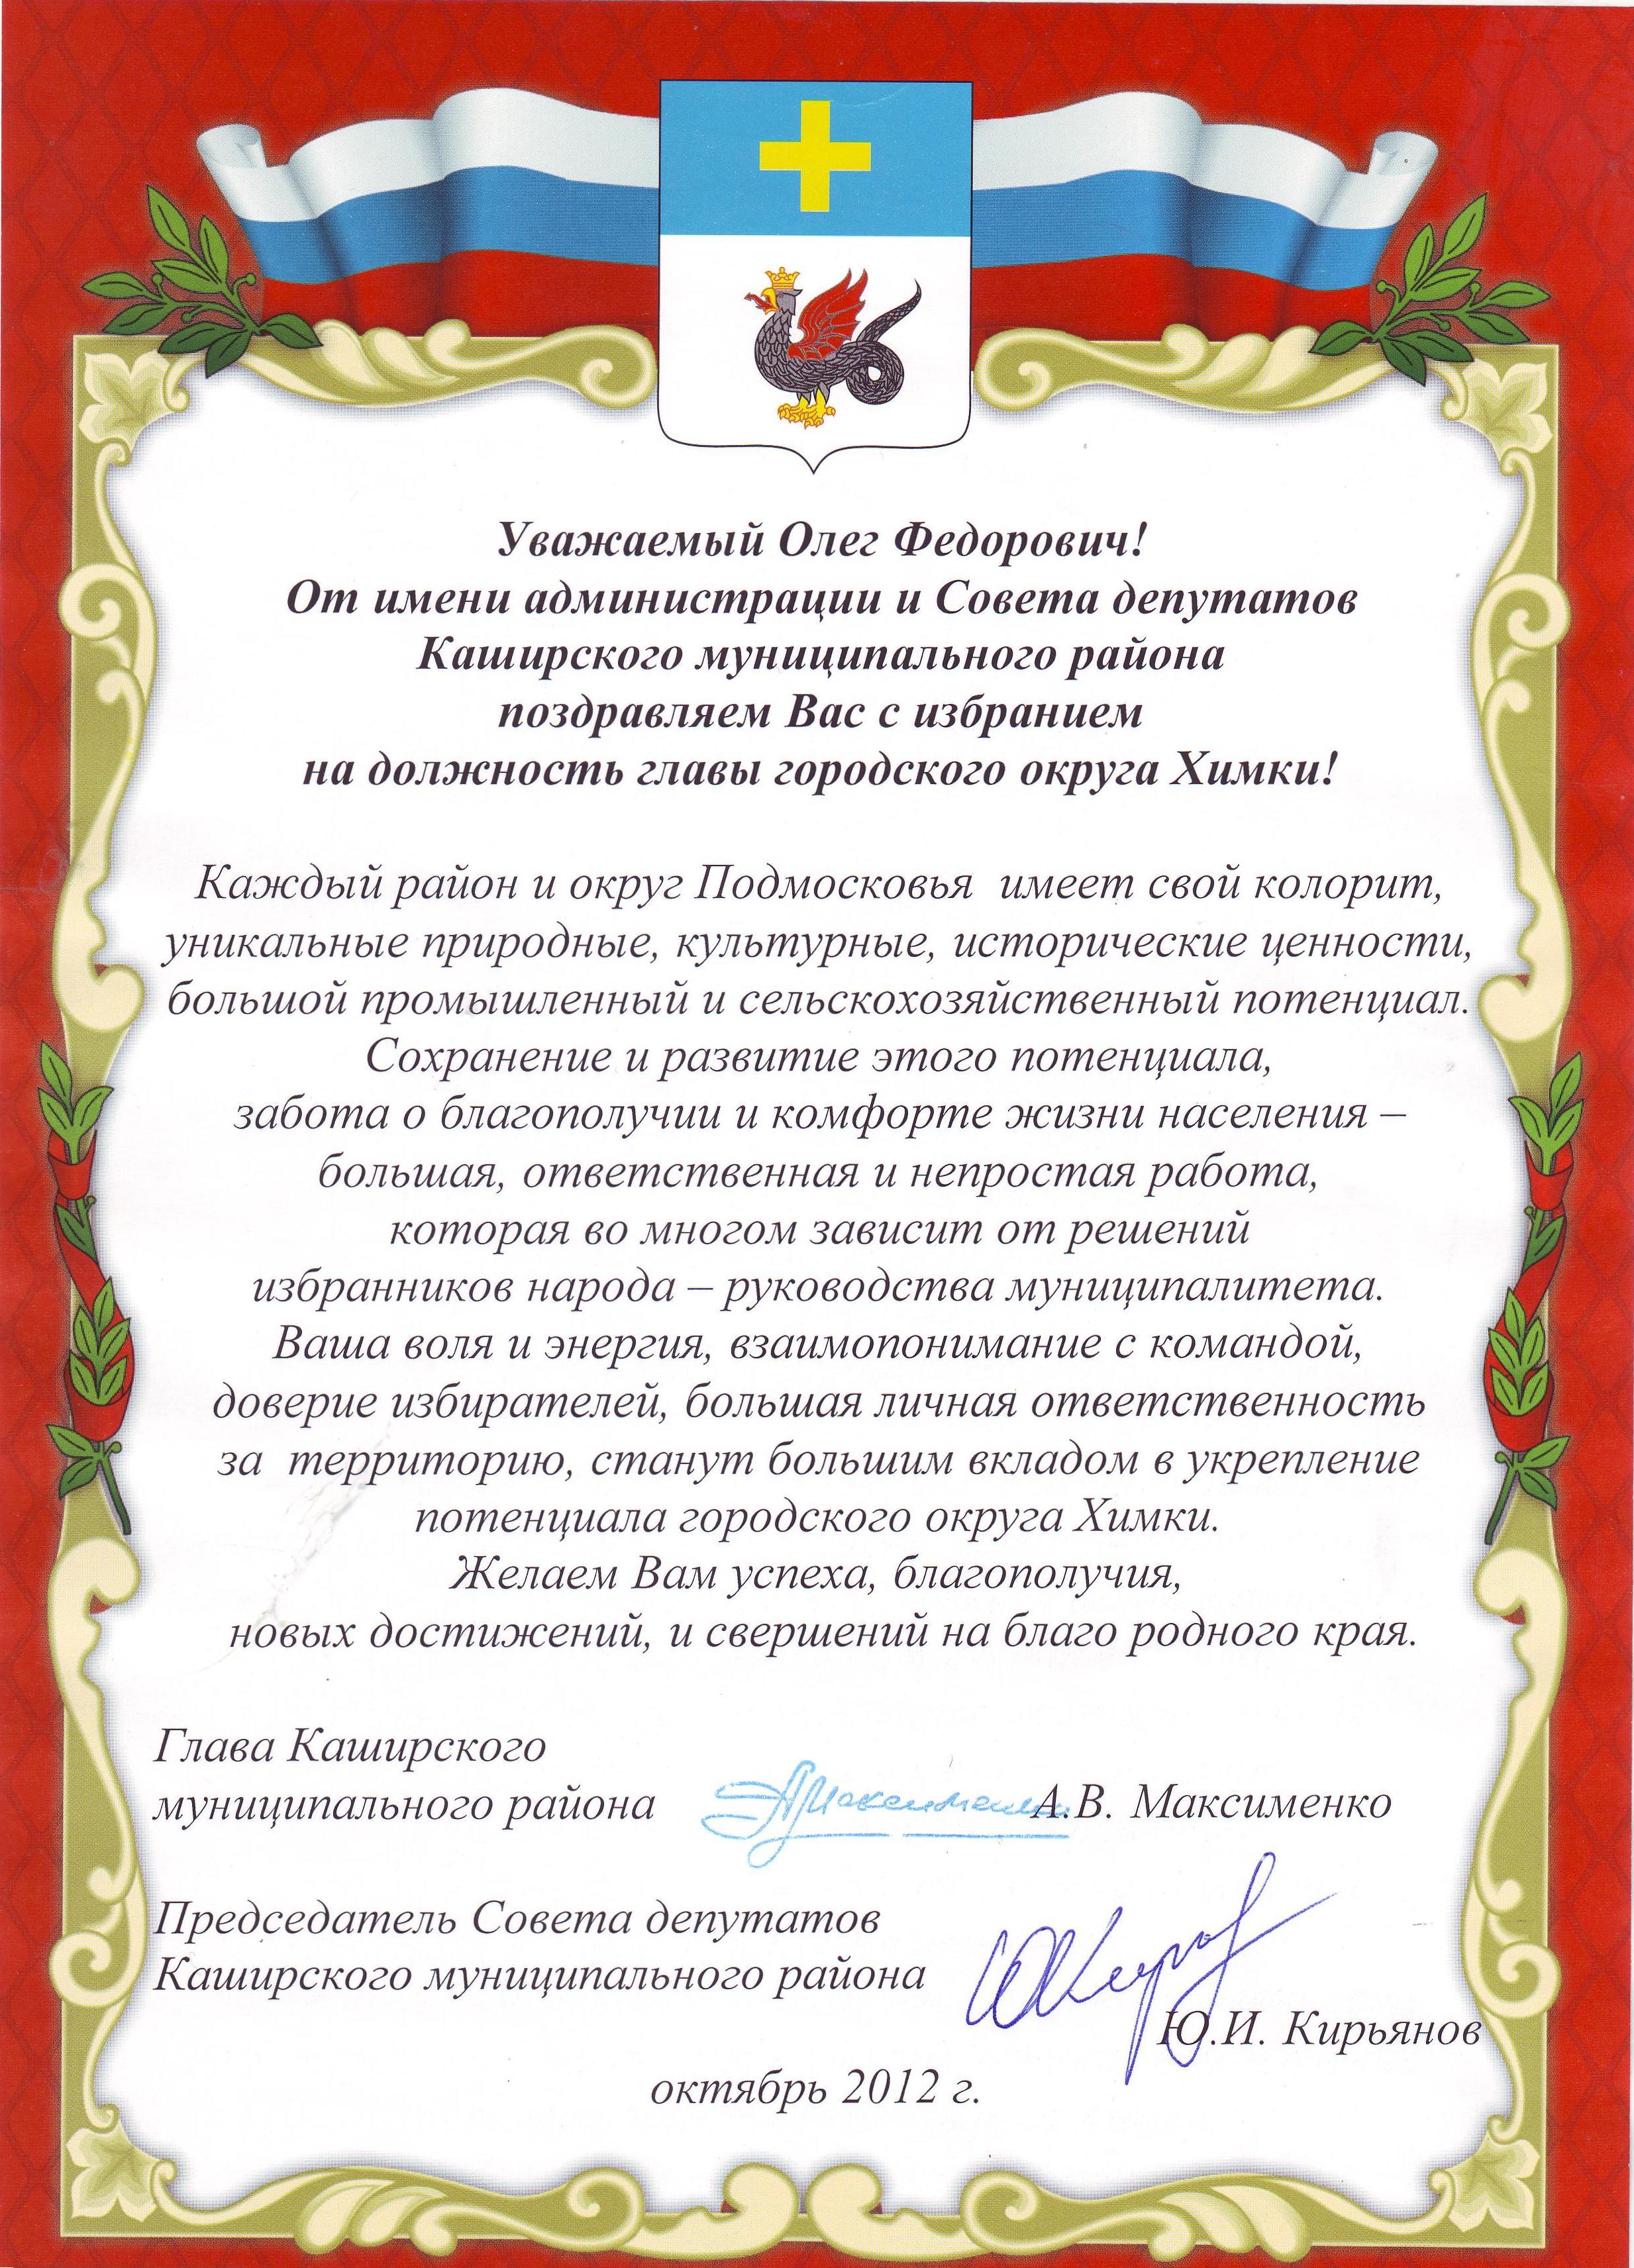 Поздравление юбилей городского округа